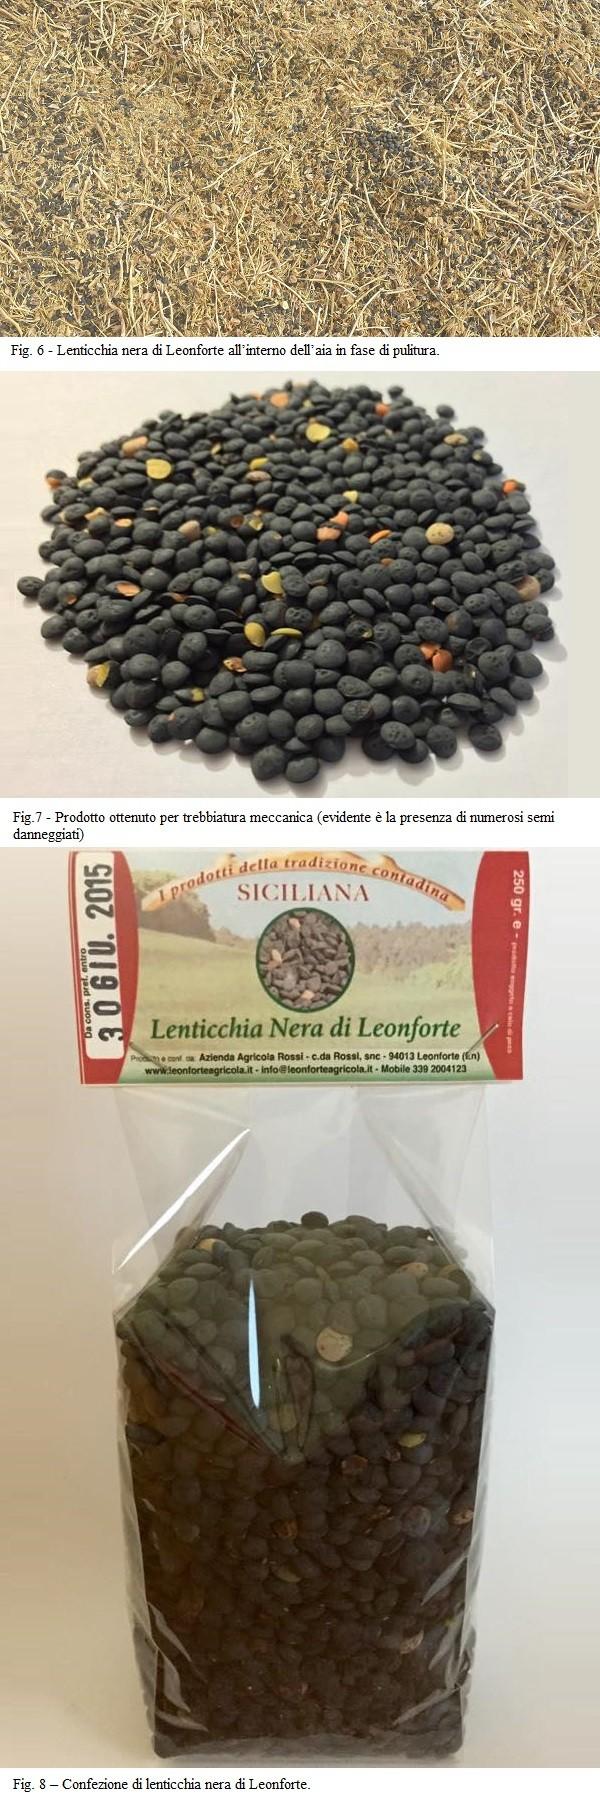 La lenticchia nera di Leonforte